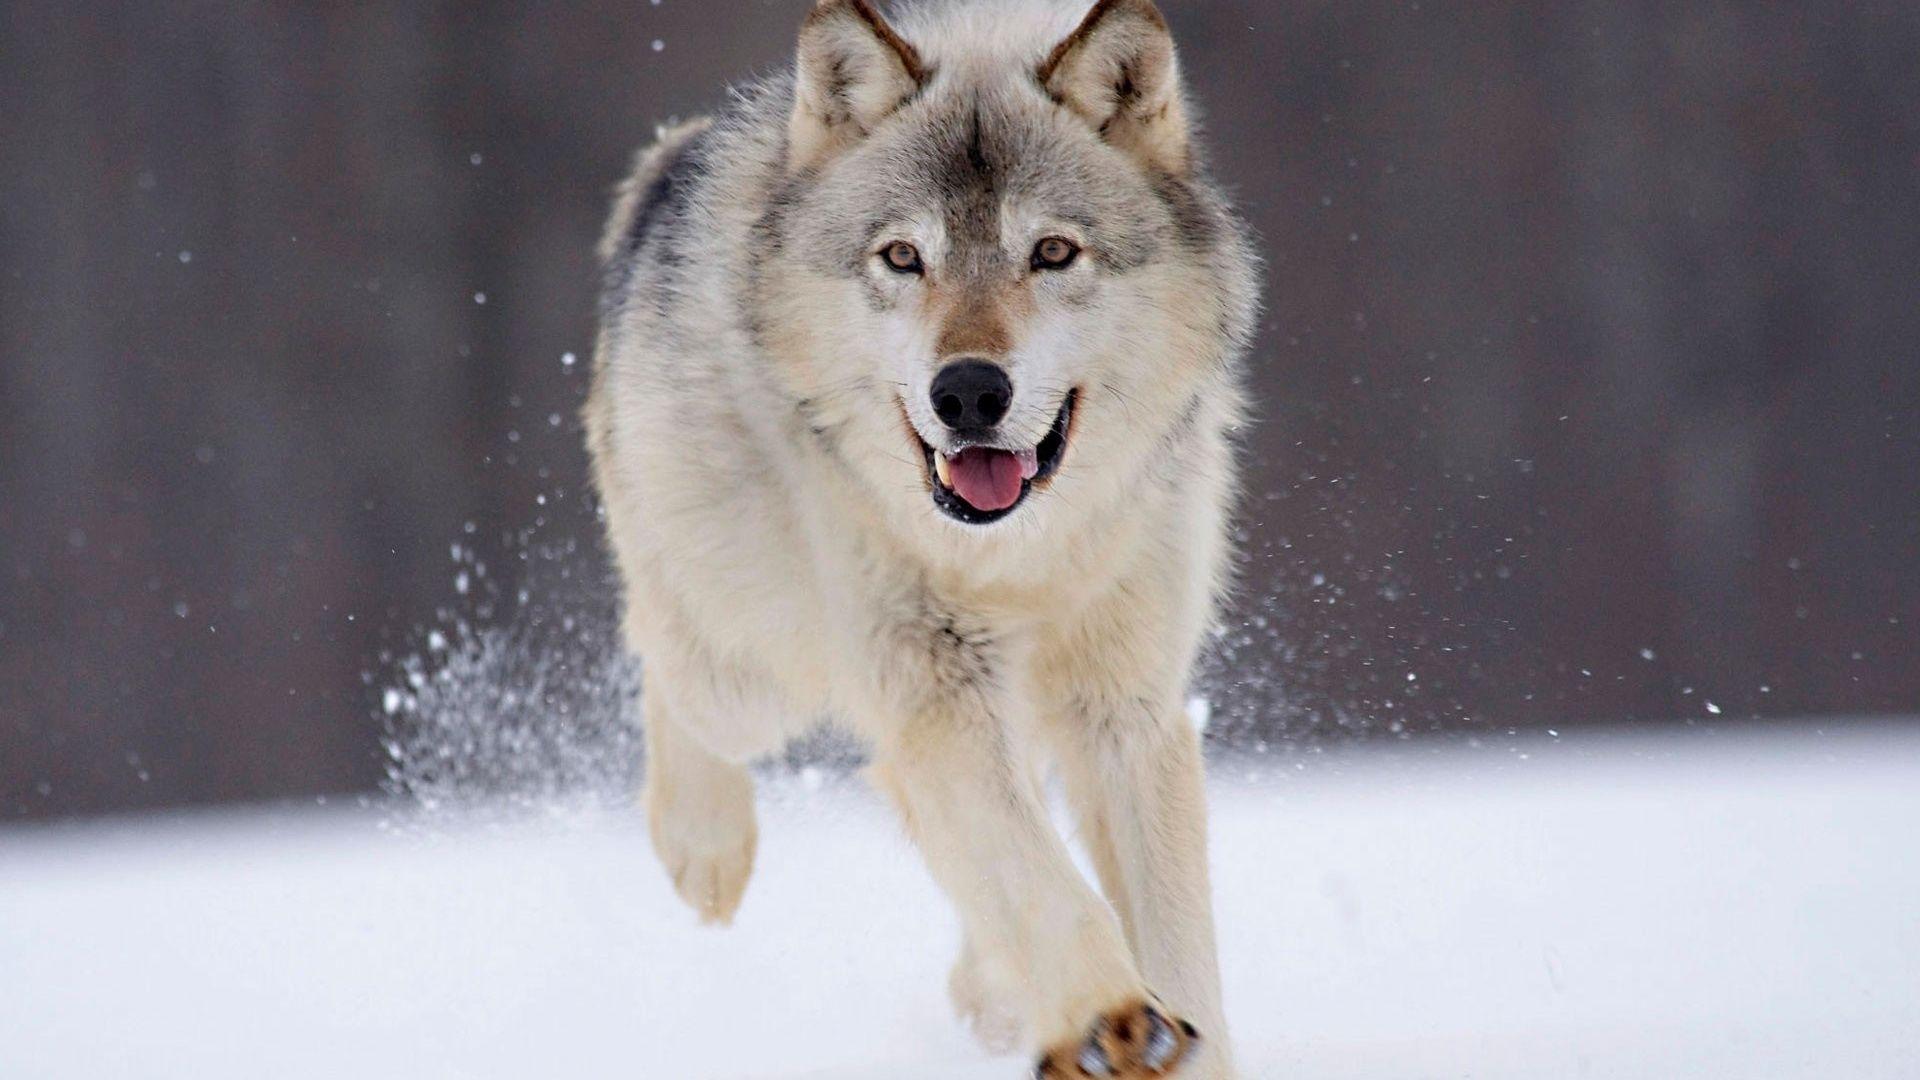 Wolf Wallpaper 1920x1080